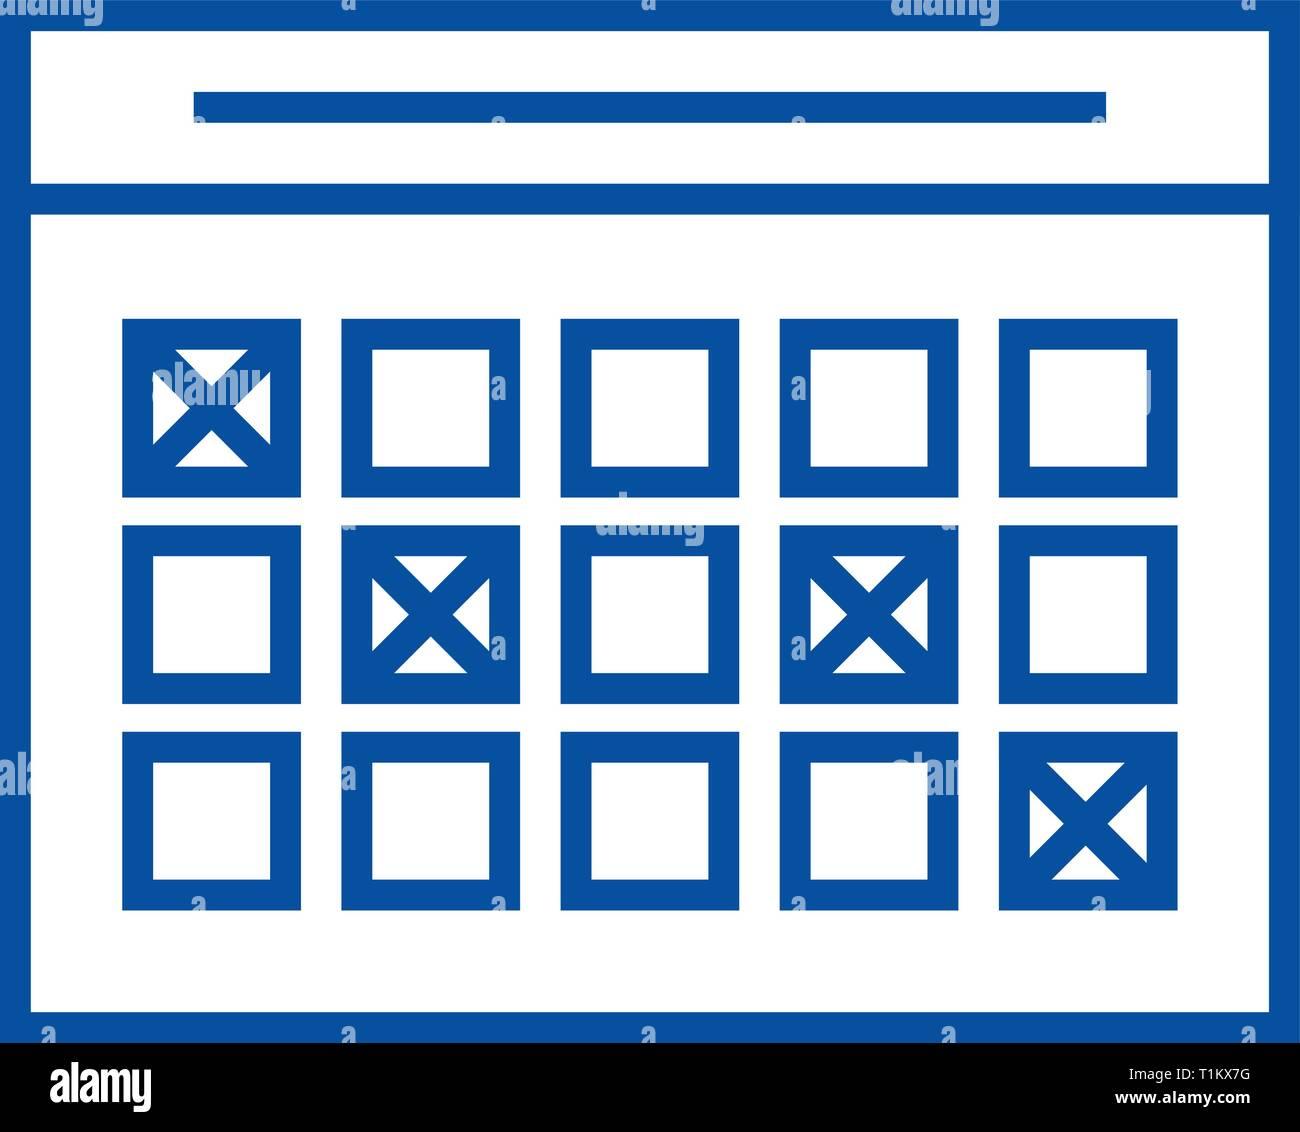 Simbolo De Calendario.Calendario Icona Linea Concept Calendario Piatto Simbolo